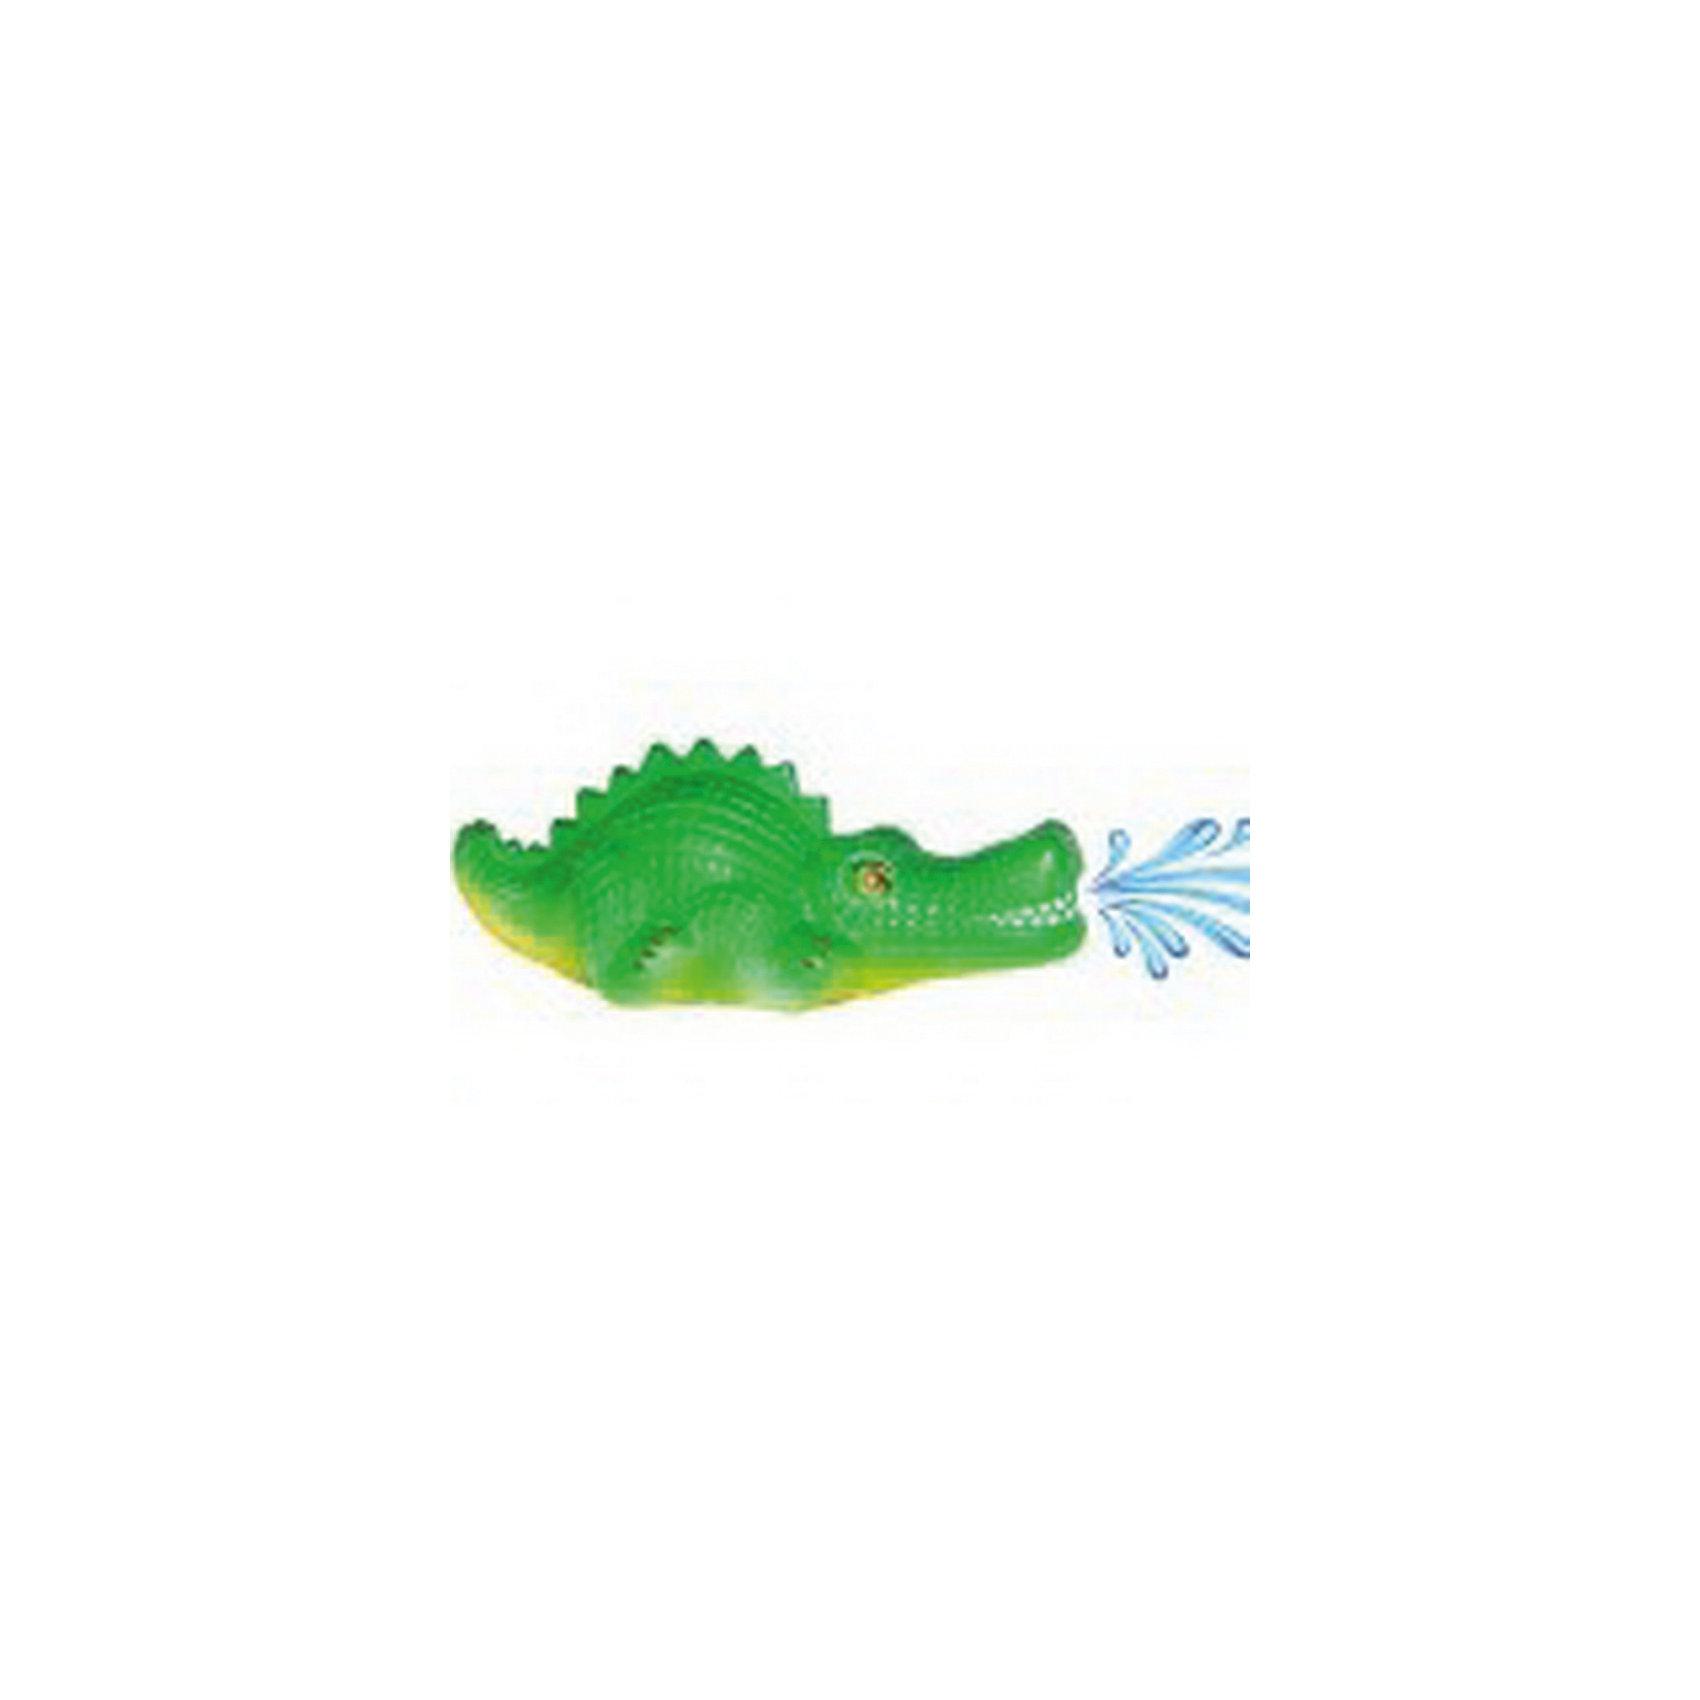 Крокодил Буль, Кудесники<br><br>Ширина мм: 130<br>Глубина мм: 70<br>Высота мм: 60<br>Вес г: 400<br>Возраст от месяцев: 12<br>Возраст до месяцев: 36<br>Пол: Унисекс<br>Возраст: Детский<br>SKU: 4896482